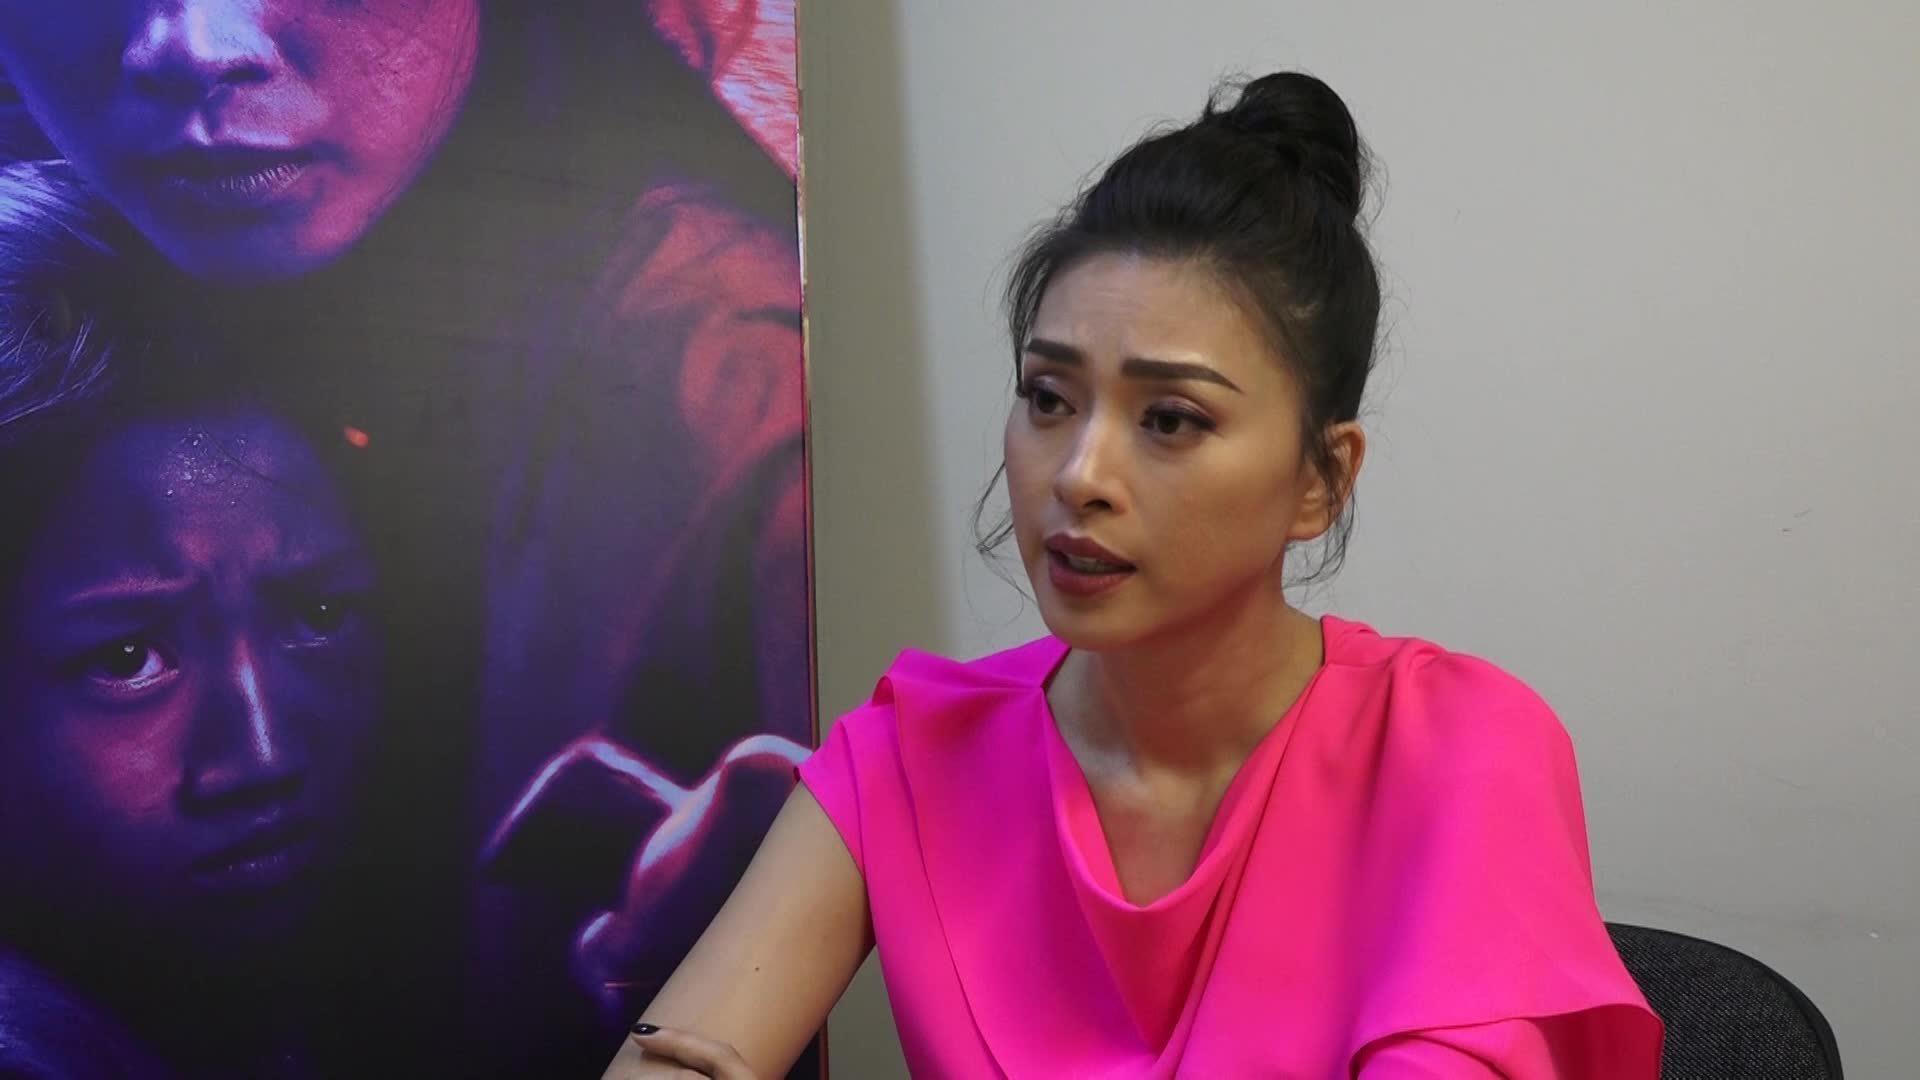 Ngô Thanh Vân: 'Tôi gặp khó khăn do tuổi tác trong phim mới'